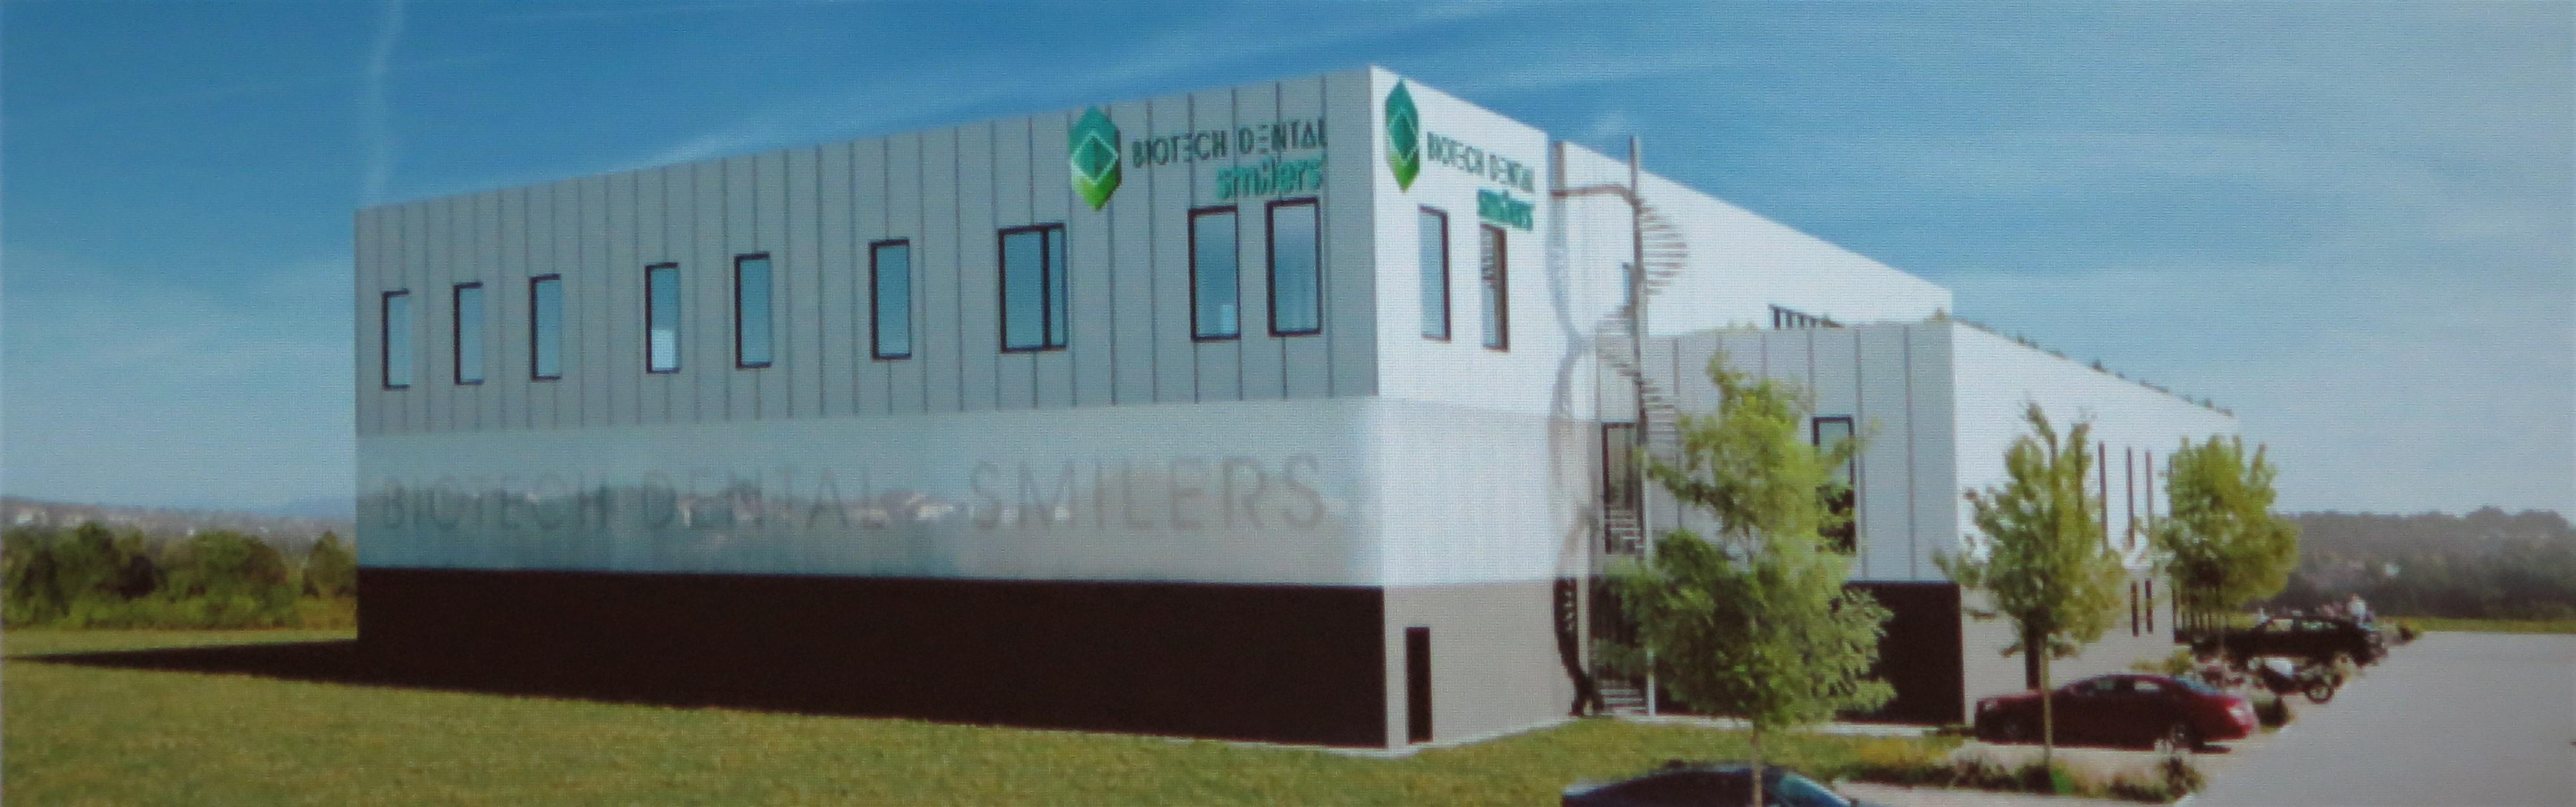 """La future usine """"Smilers"""" de Biotech Dental devrait entrer en service en septembre 2022"""